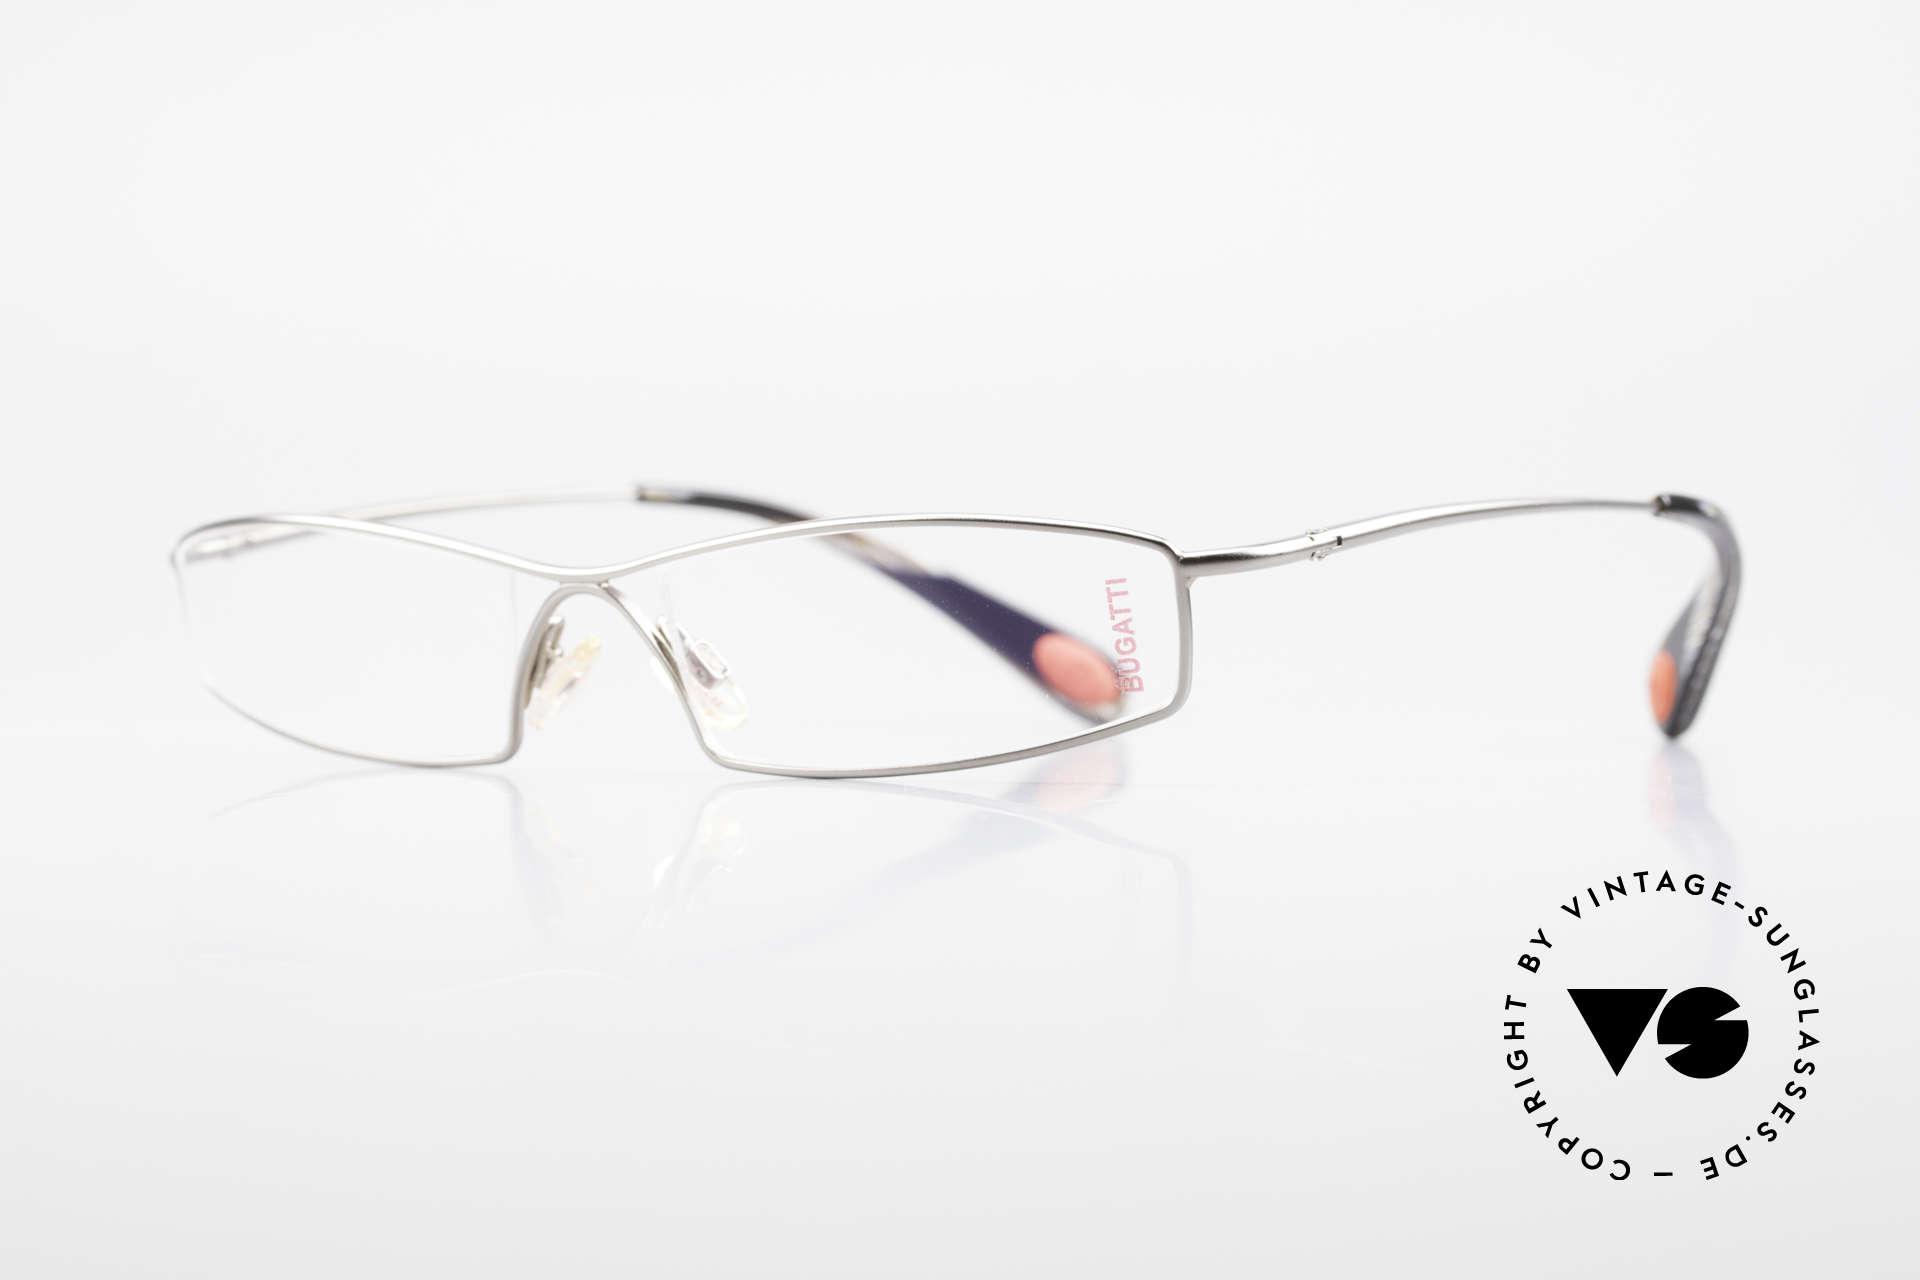 Bugatti 204 Odotype Vintage Luxus Brille Limited, high-tech Rahmen mit genialer Glaseinfassung, Passend für Herren